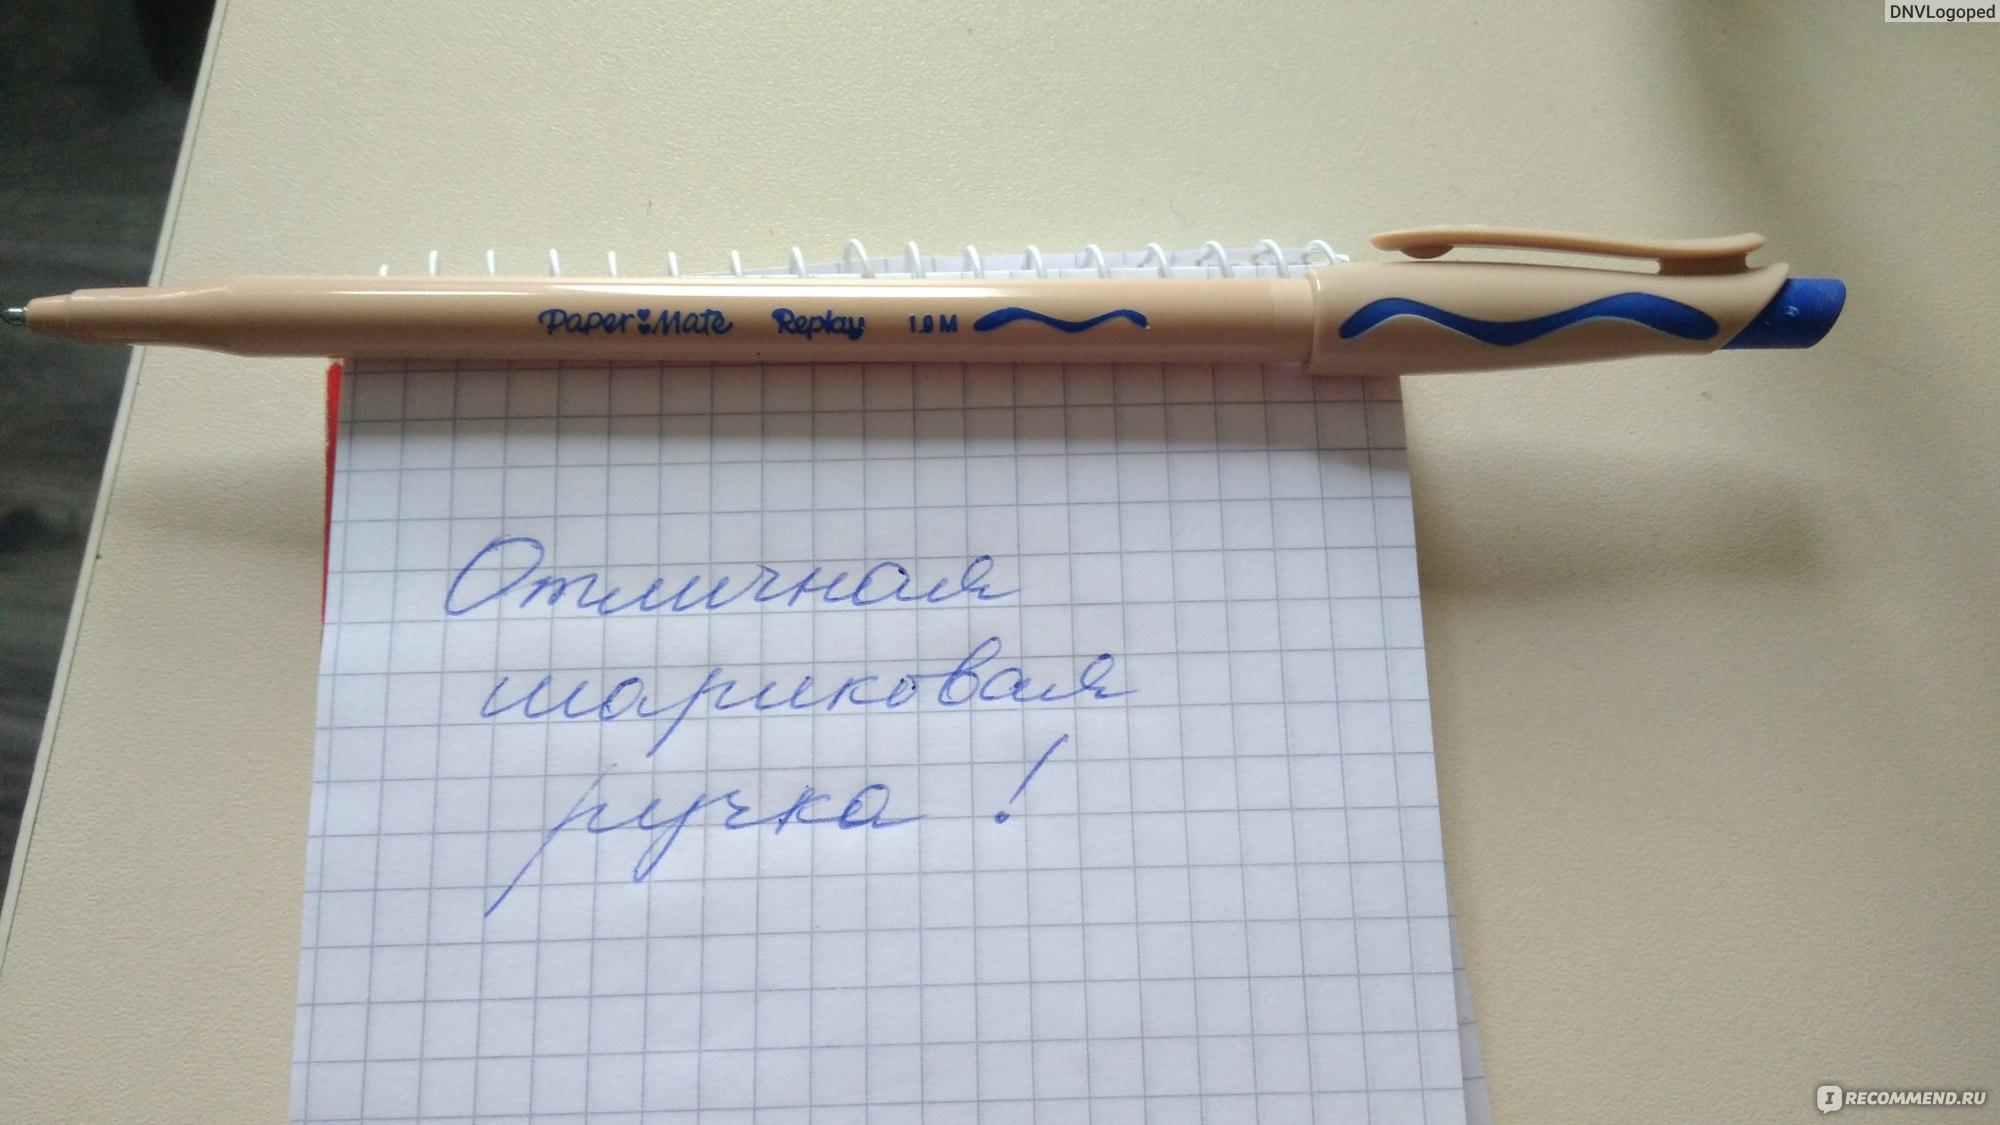 Как стереть ручку с бумаги, не оставив следов? 10 эффективных способов 41